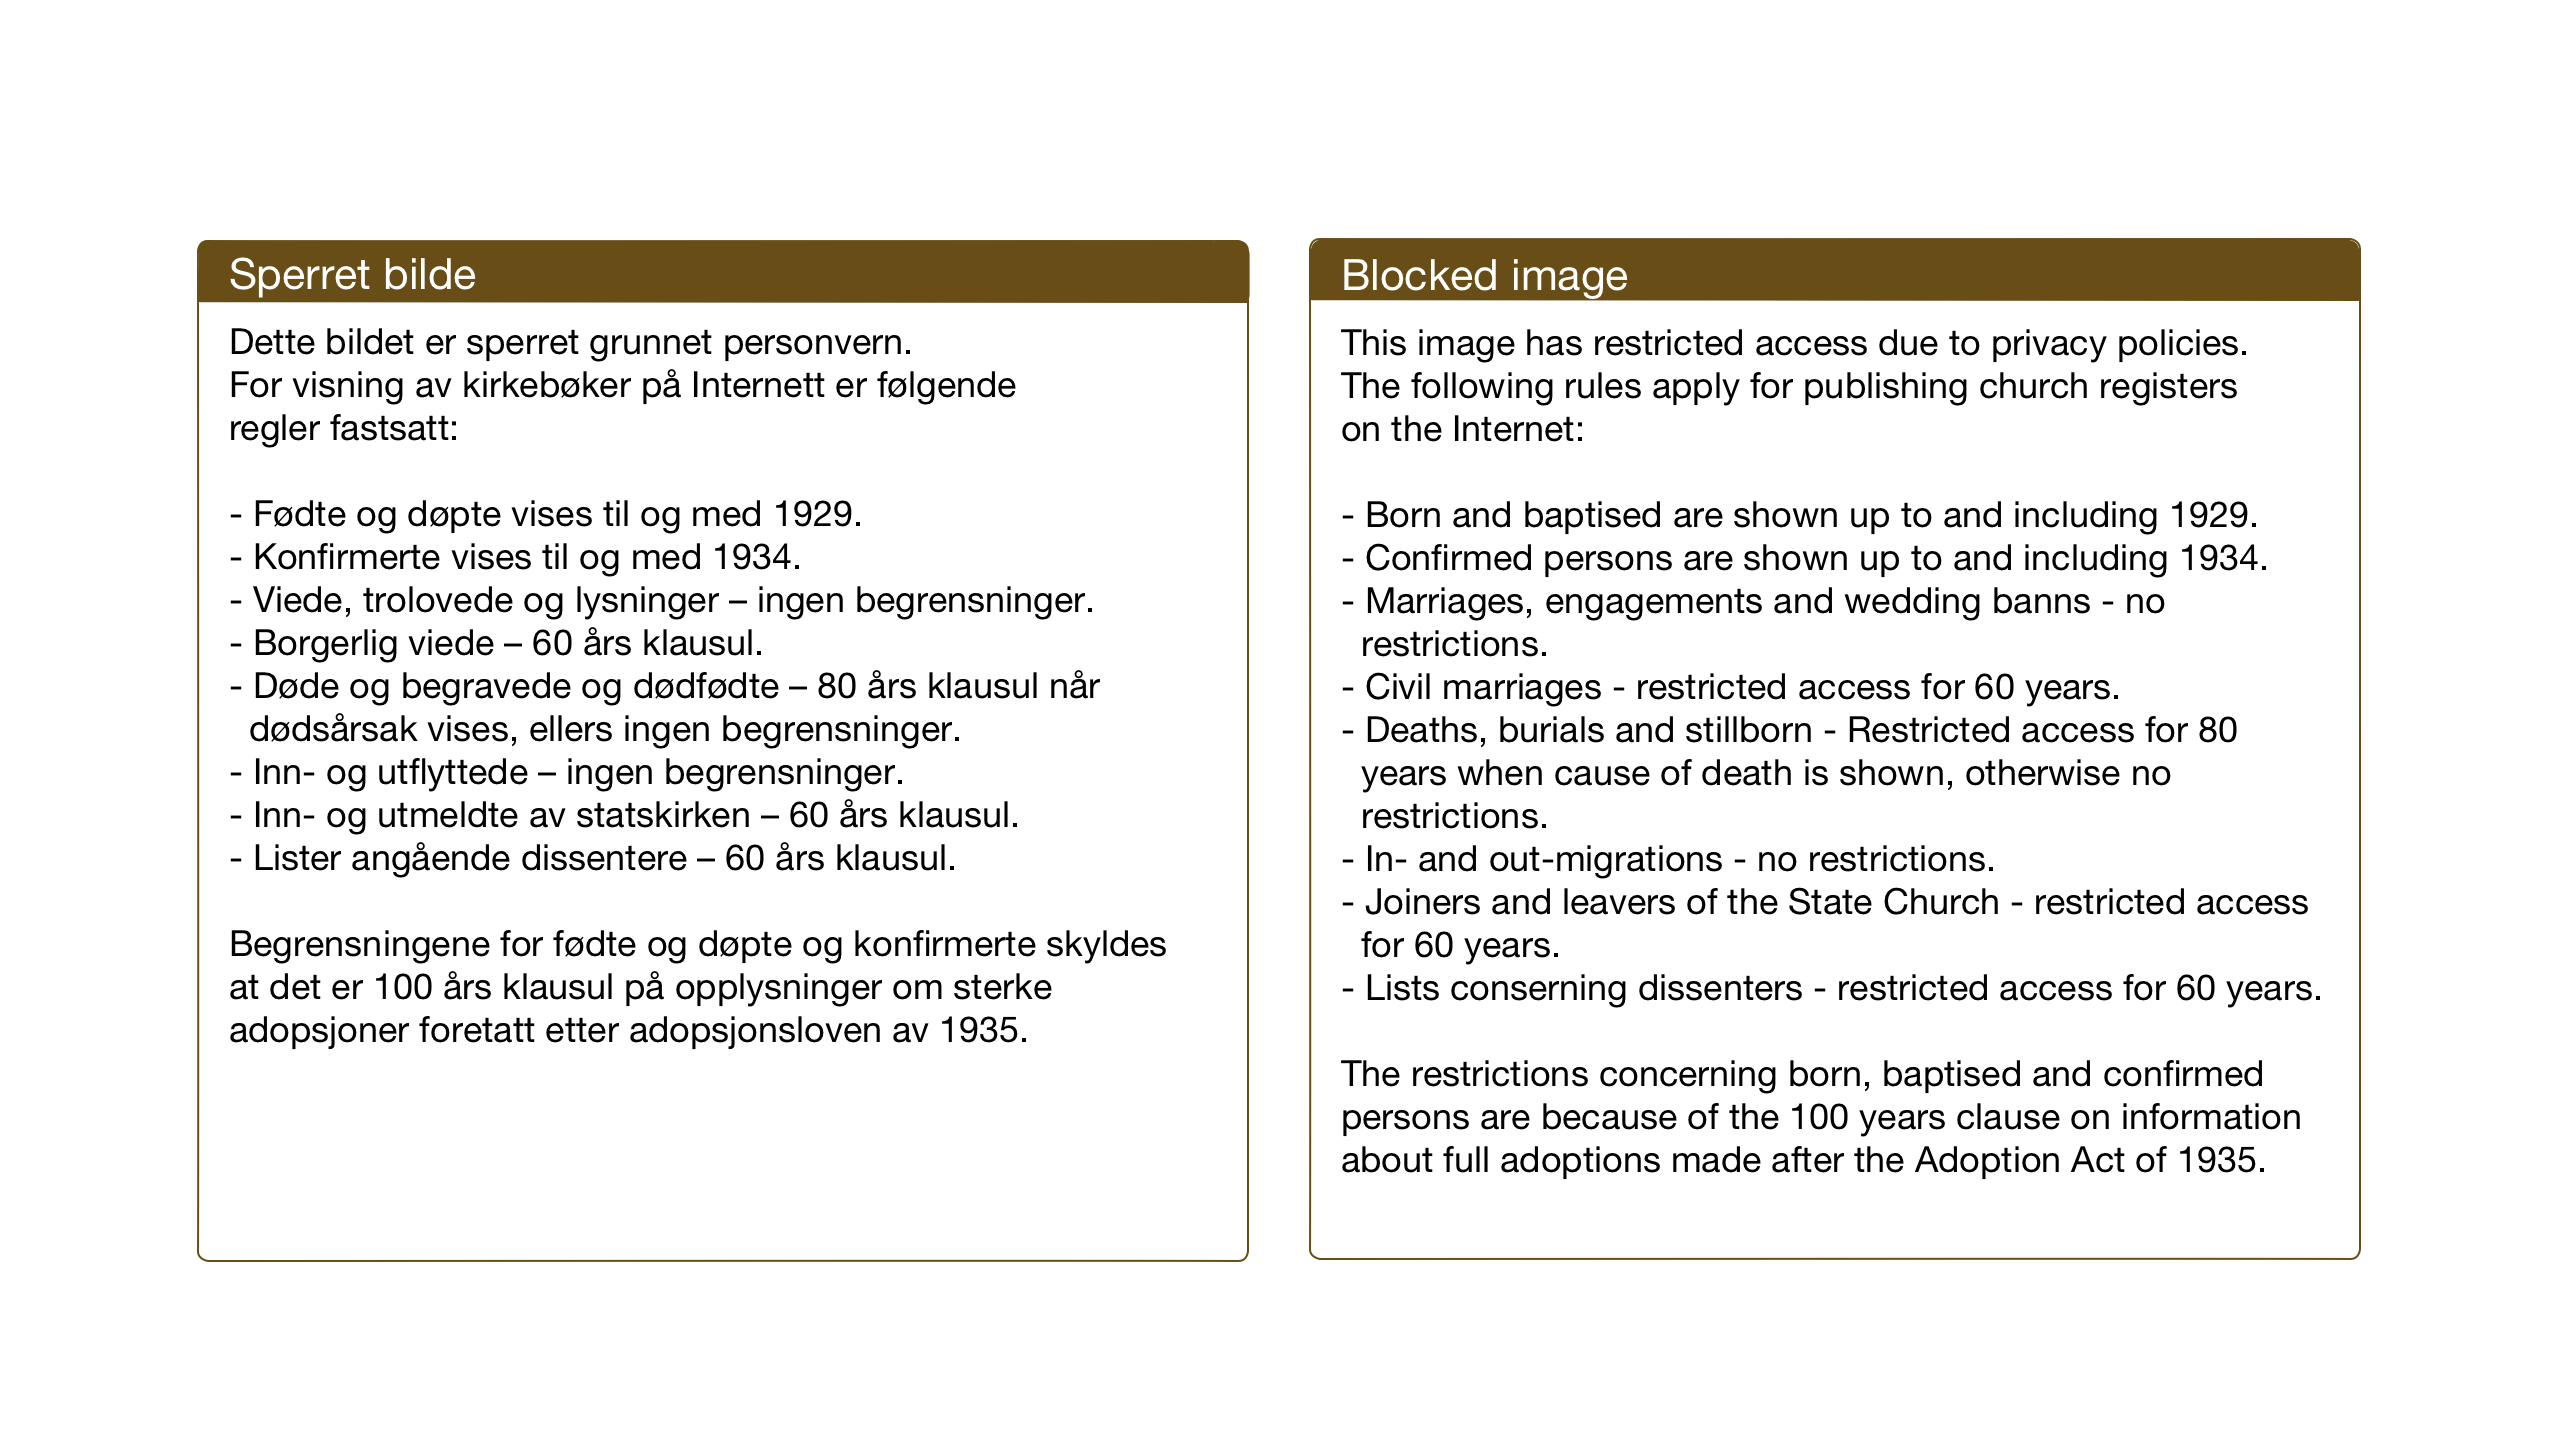 SAT, Ministerialprotokoller, klokkerbøker og fødselsregistre - Nord-Trøndelag, 746/L0456: Klokkerbok nr. 746C02, 1936-1948, s. 44